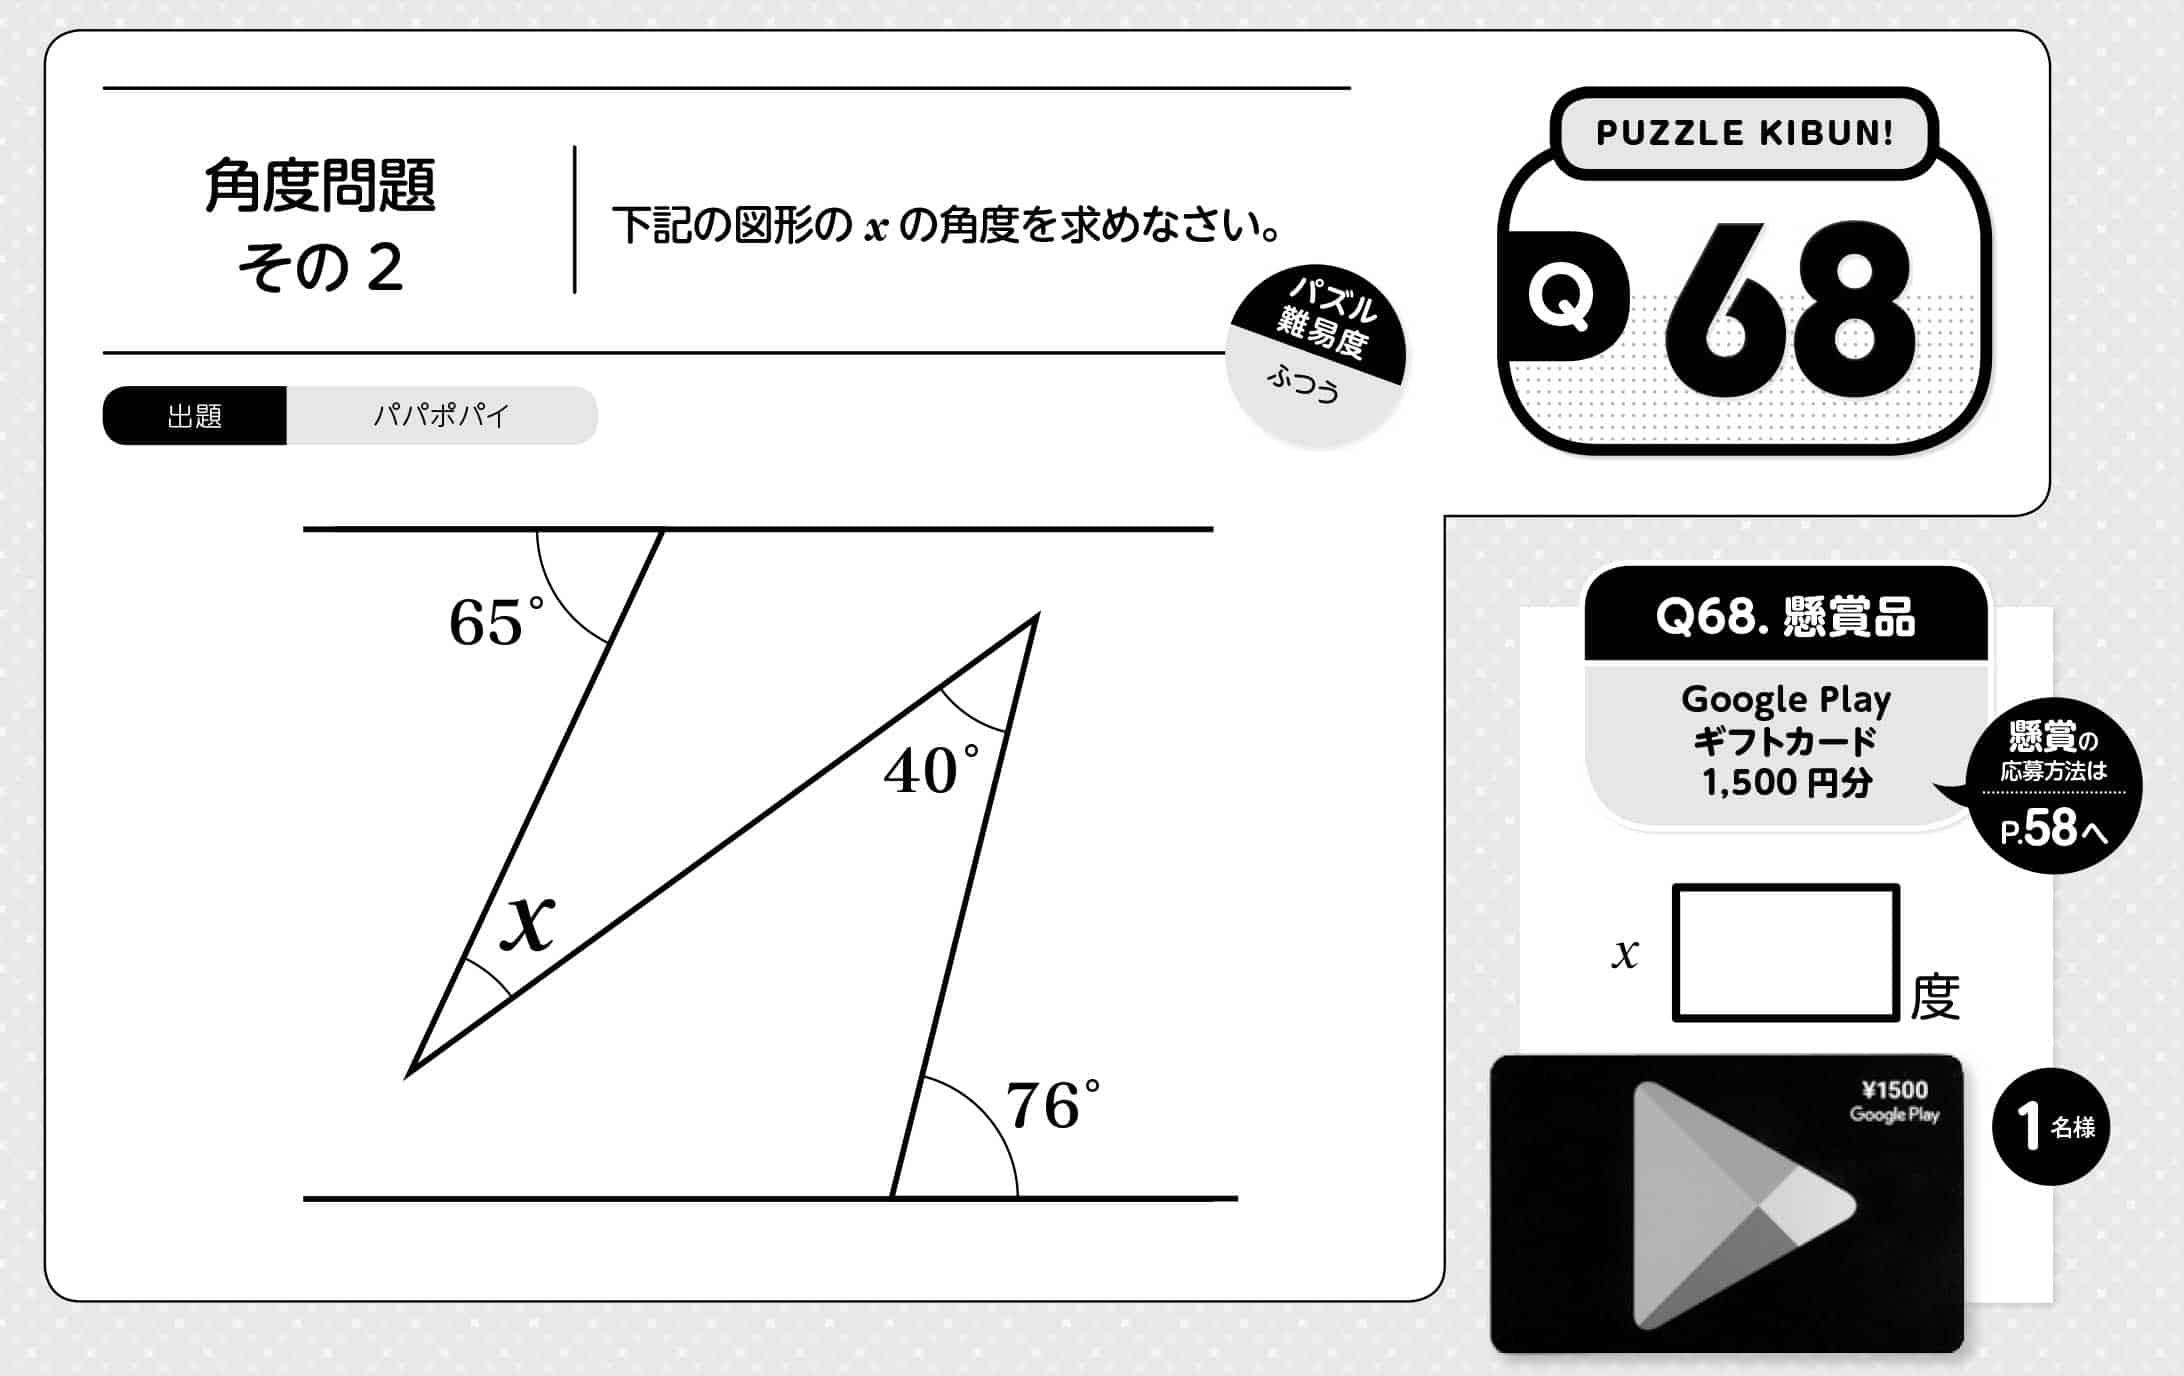 【パズルきぶん Vol.3】Q68 懐かしい学校の問題「角度問題」2